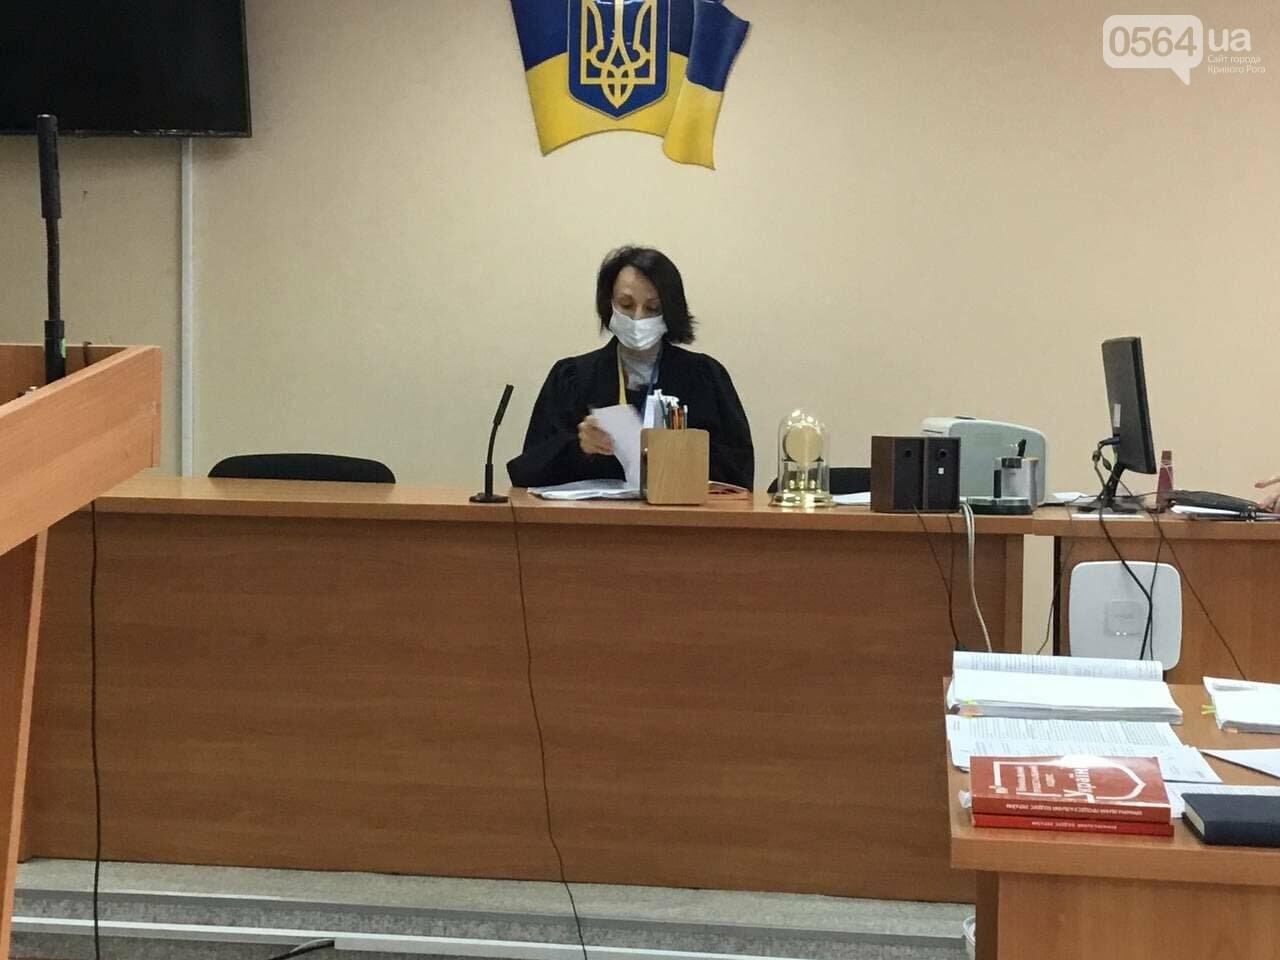 В суде по делу о конфликте между криворожским активистом и муниципальным гвардейцем допросили одного из свидетелей, - ФОТО, ВИДЕО, фото-2